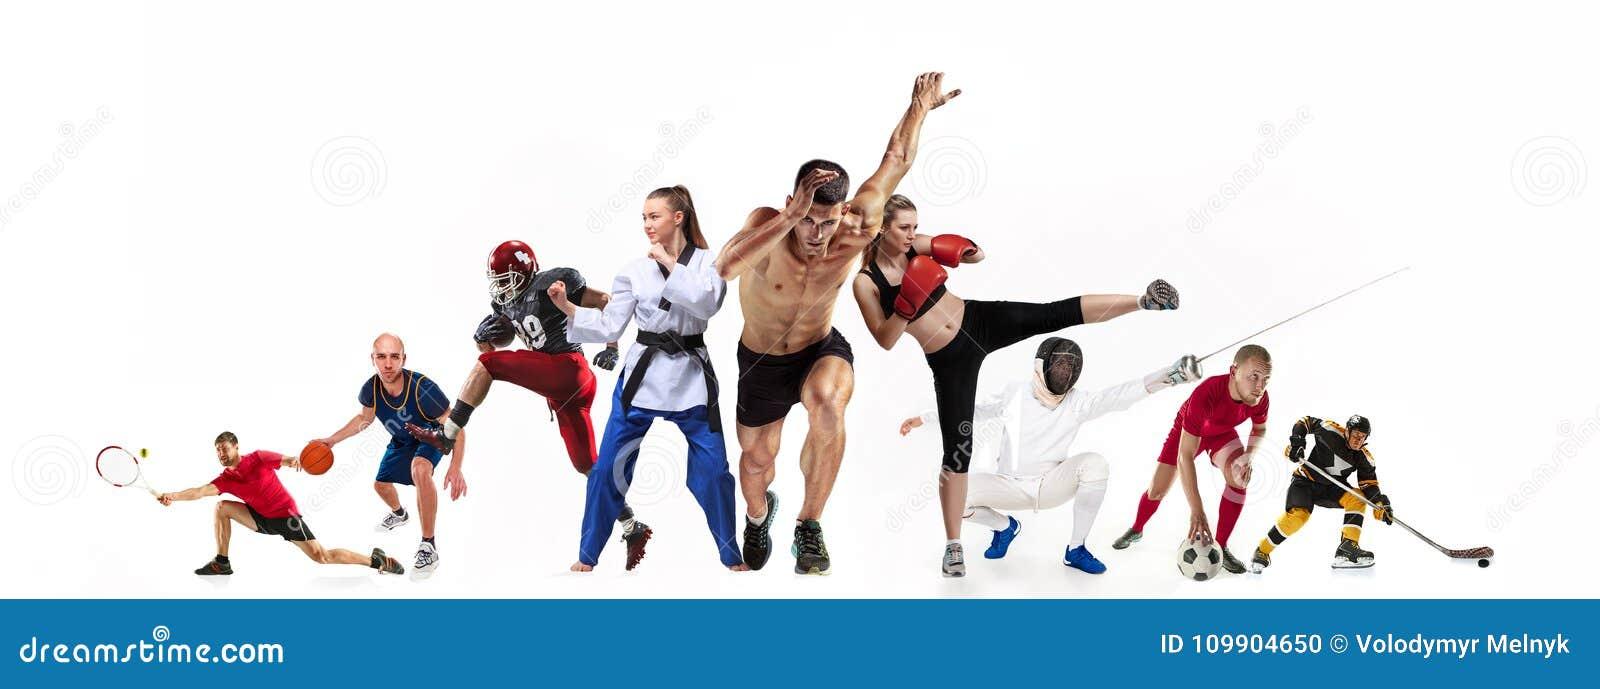 Diviértase el collage sobre el boxeo, fútbol, fútbol americano, baloncesto, hockey sobre hielo, cercado, activando, el Taekwondo,